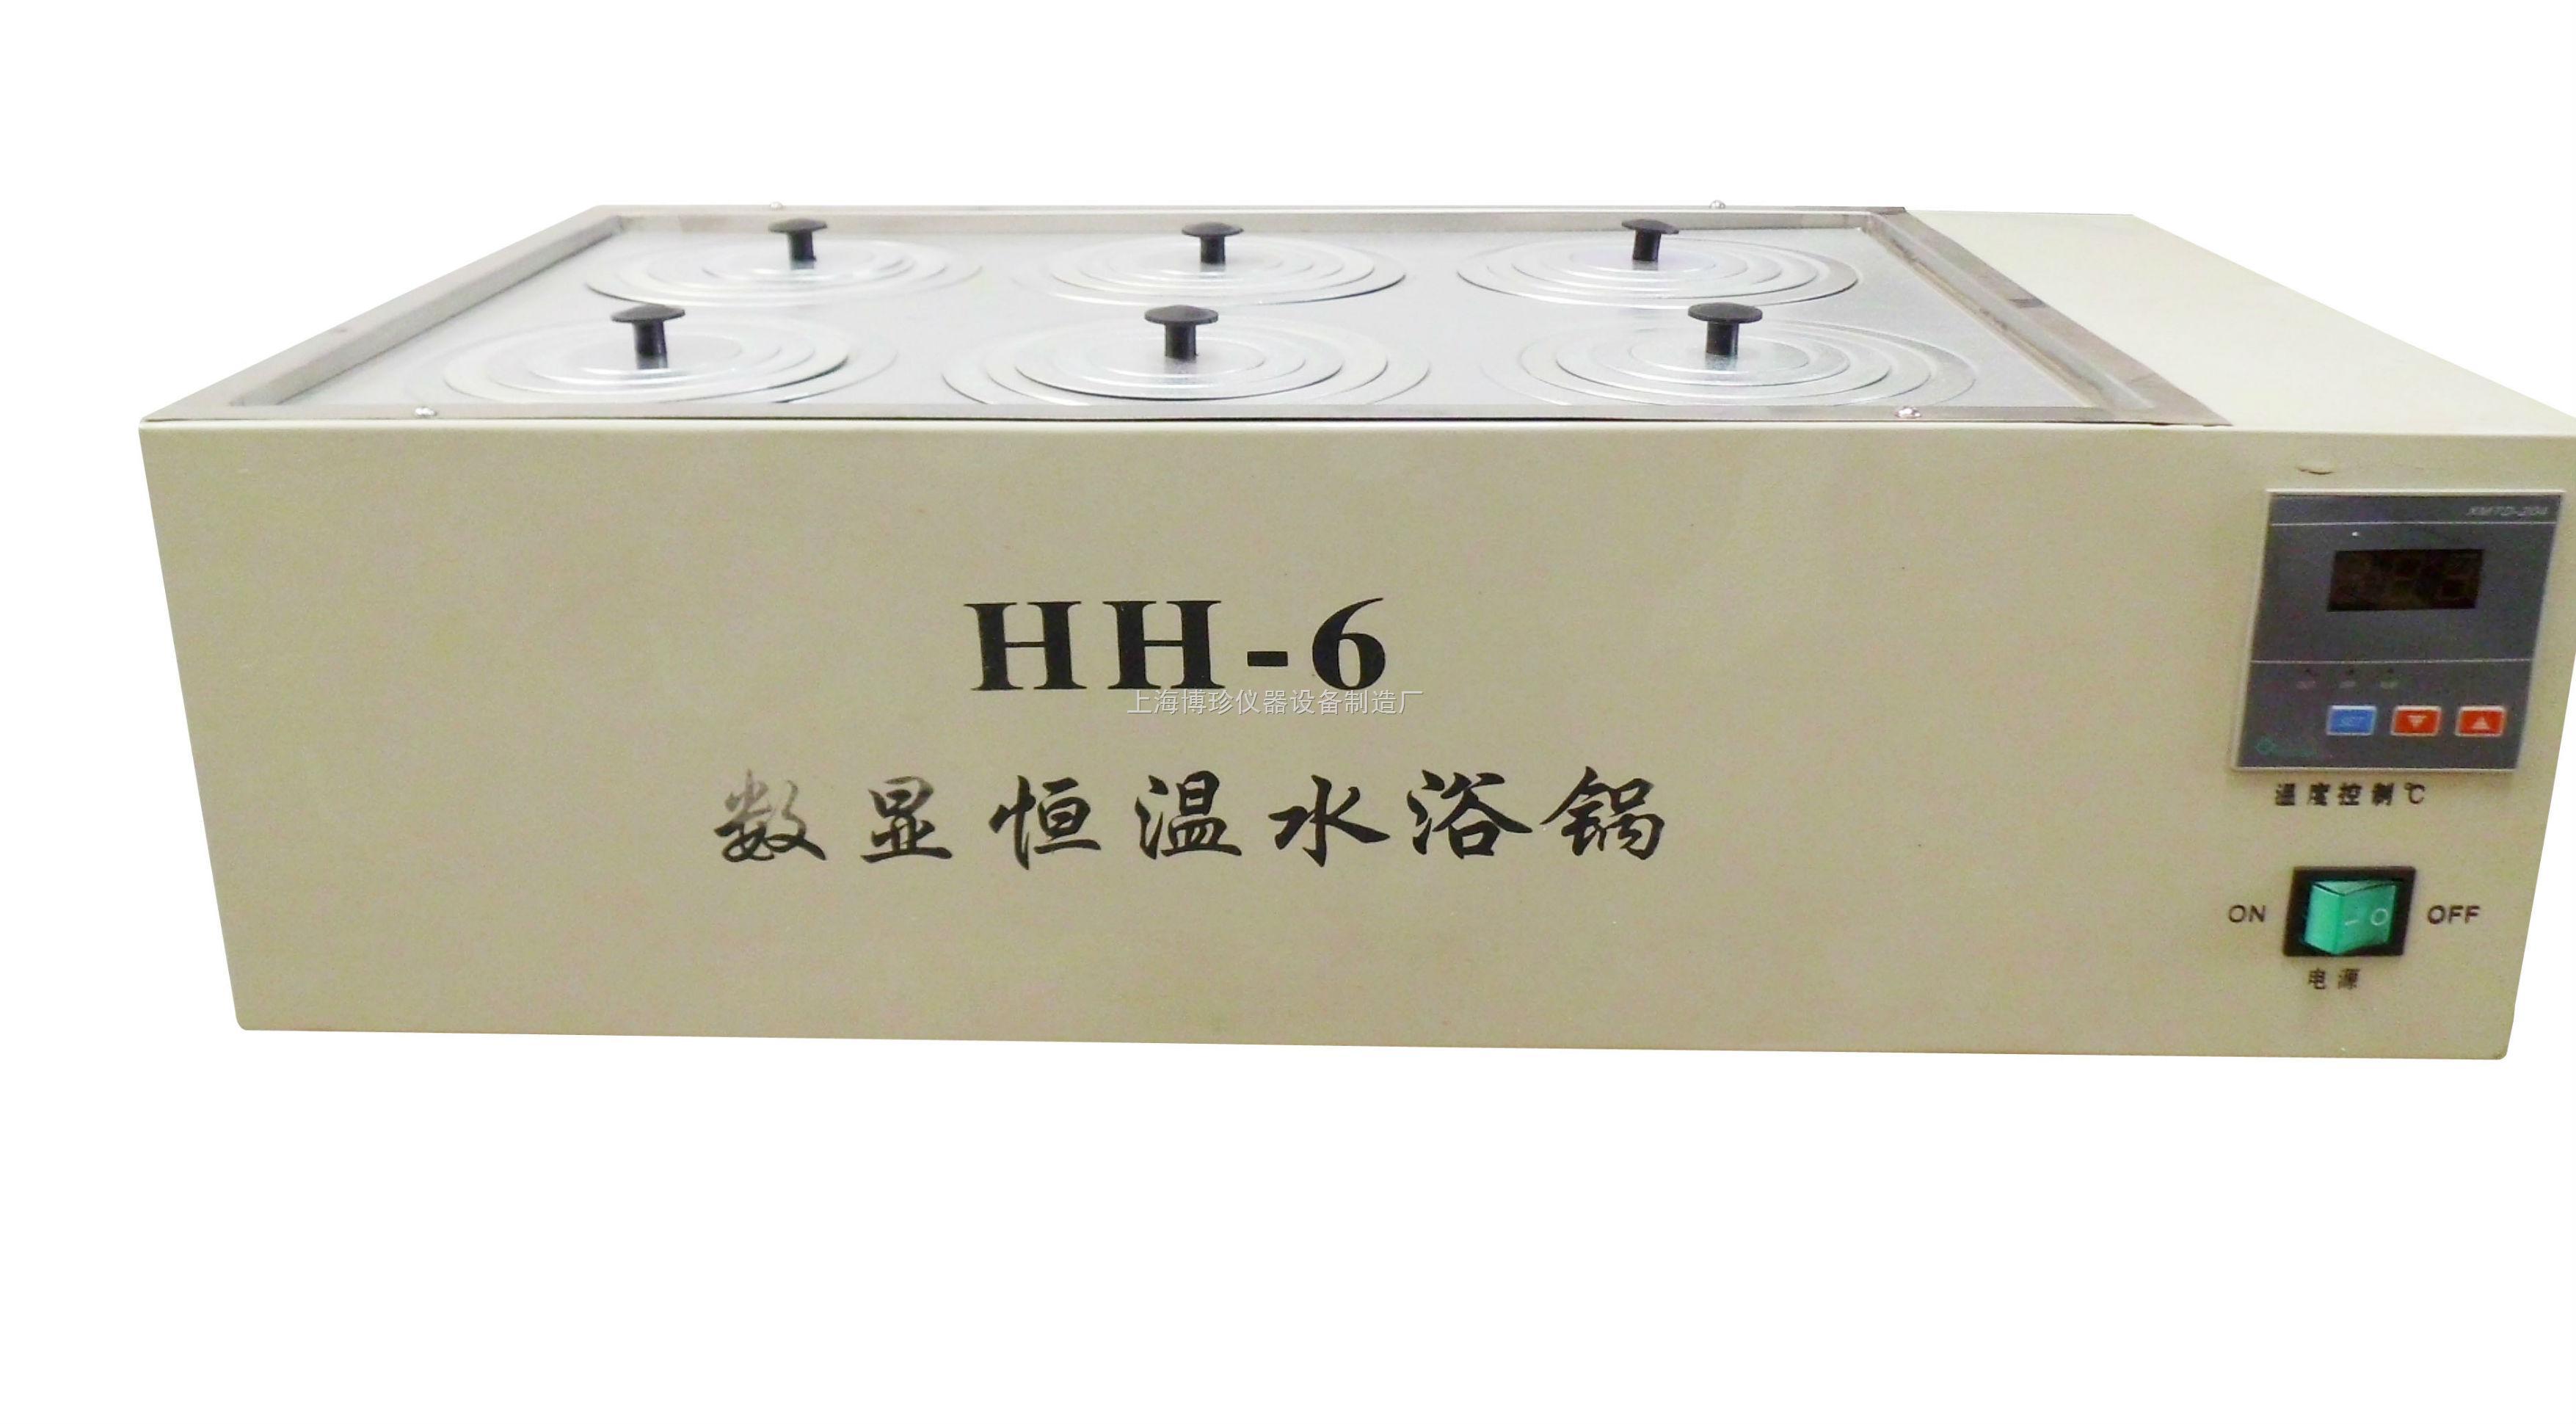 hh-6s电热恒温水浴锅,单列恒温水浴锅, 水煮测试仪